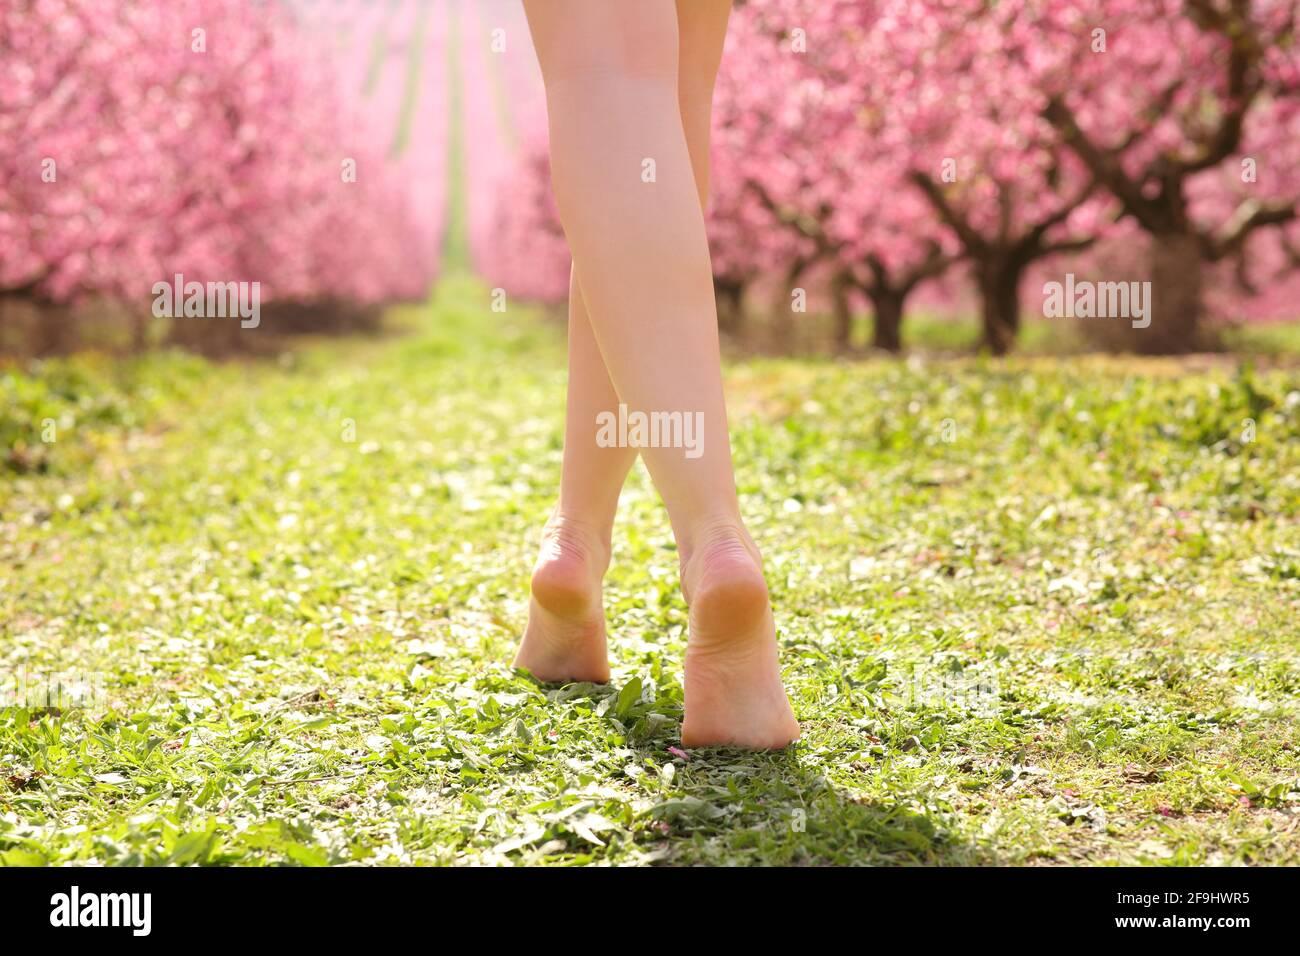 Vue arrière portrait d'une belle femme pieds cirés marchant sur un terrain à fleurs roses au printemps Banque D'Images